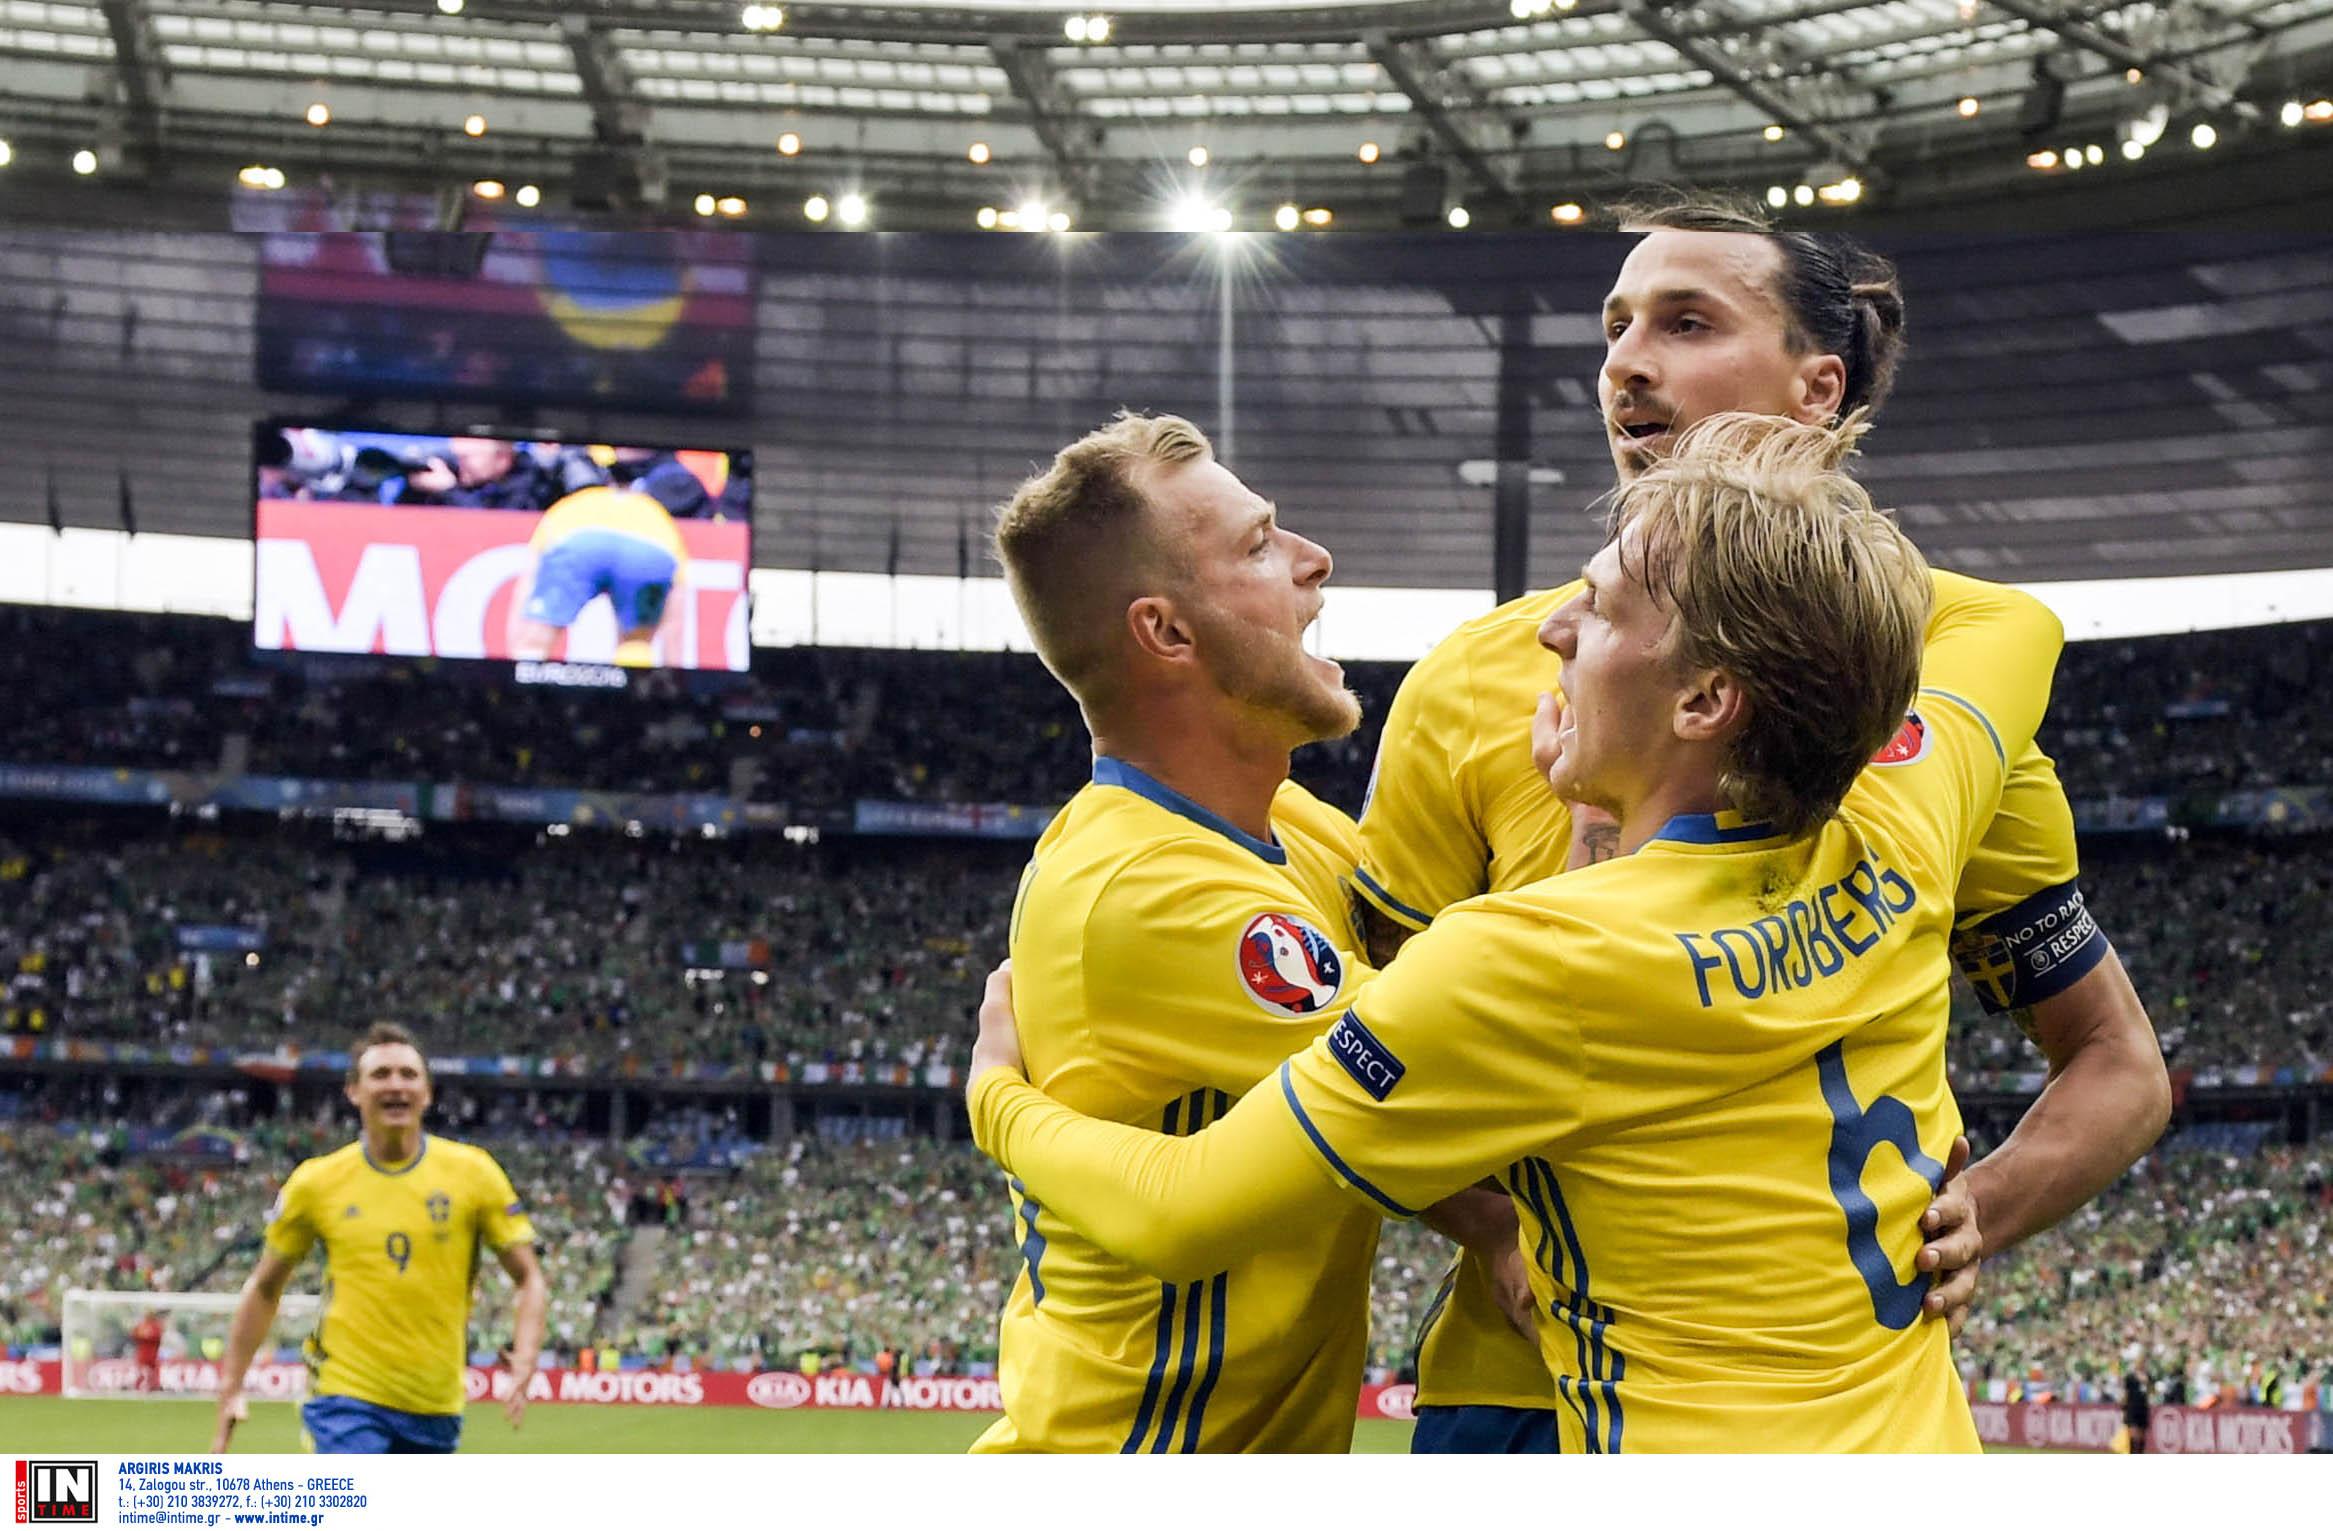 Ο Ζλάταν επιστρέφει στην Εθνική Σουηδίας